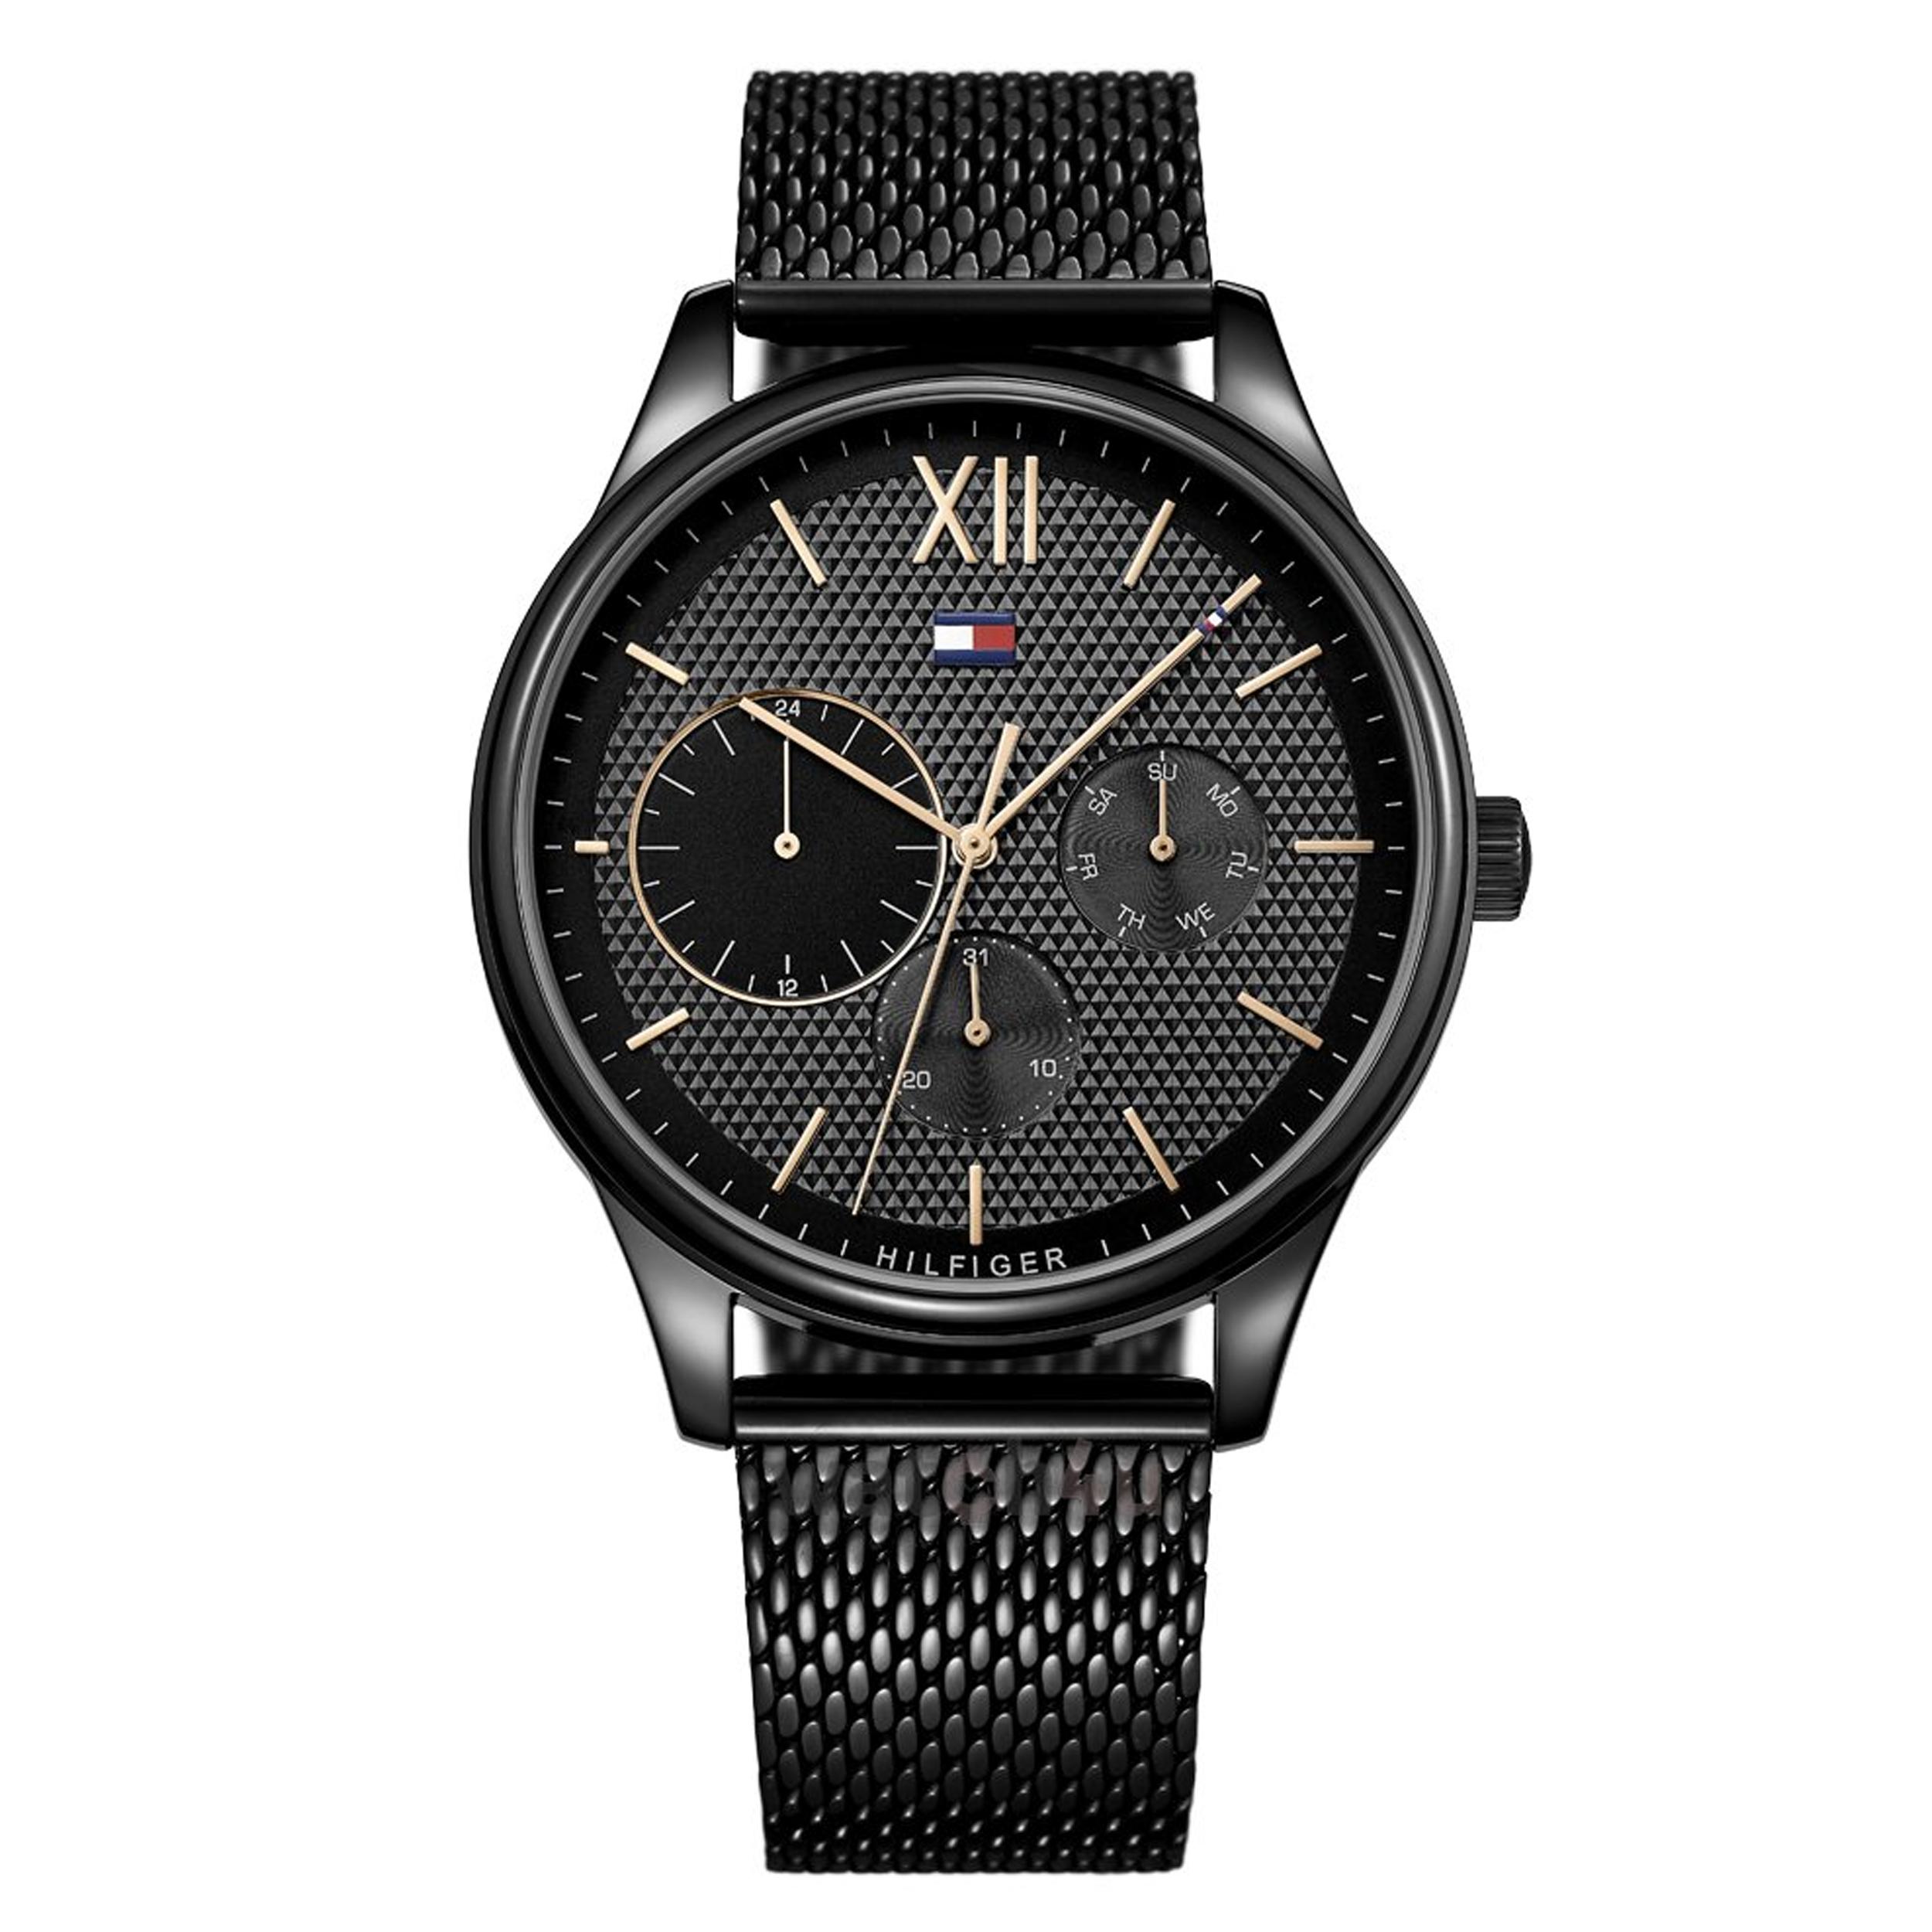 ساعت مچی عقربه ای مردانه تامی هیلفیگر مدل 1791420